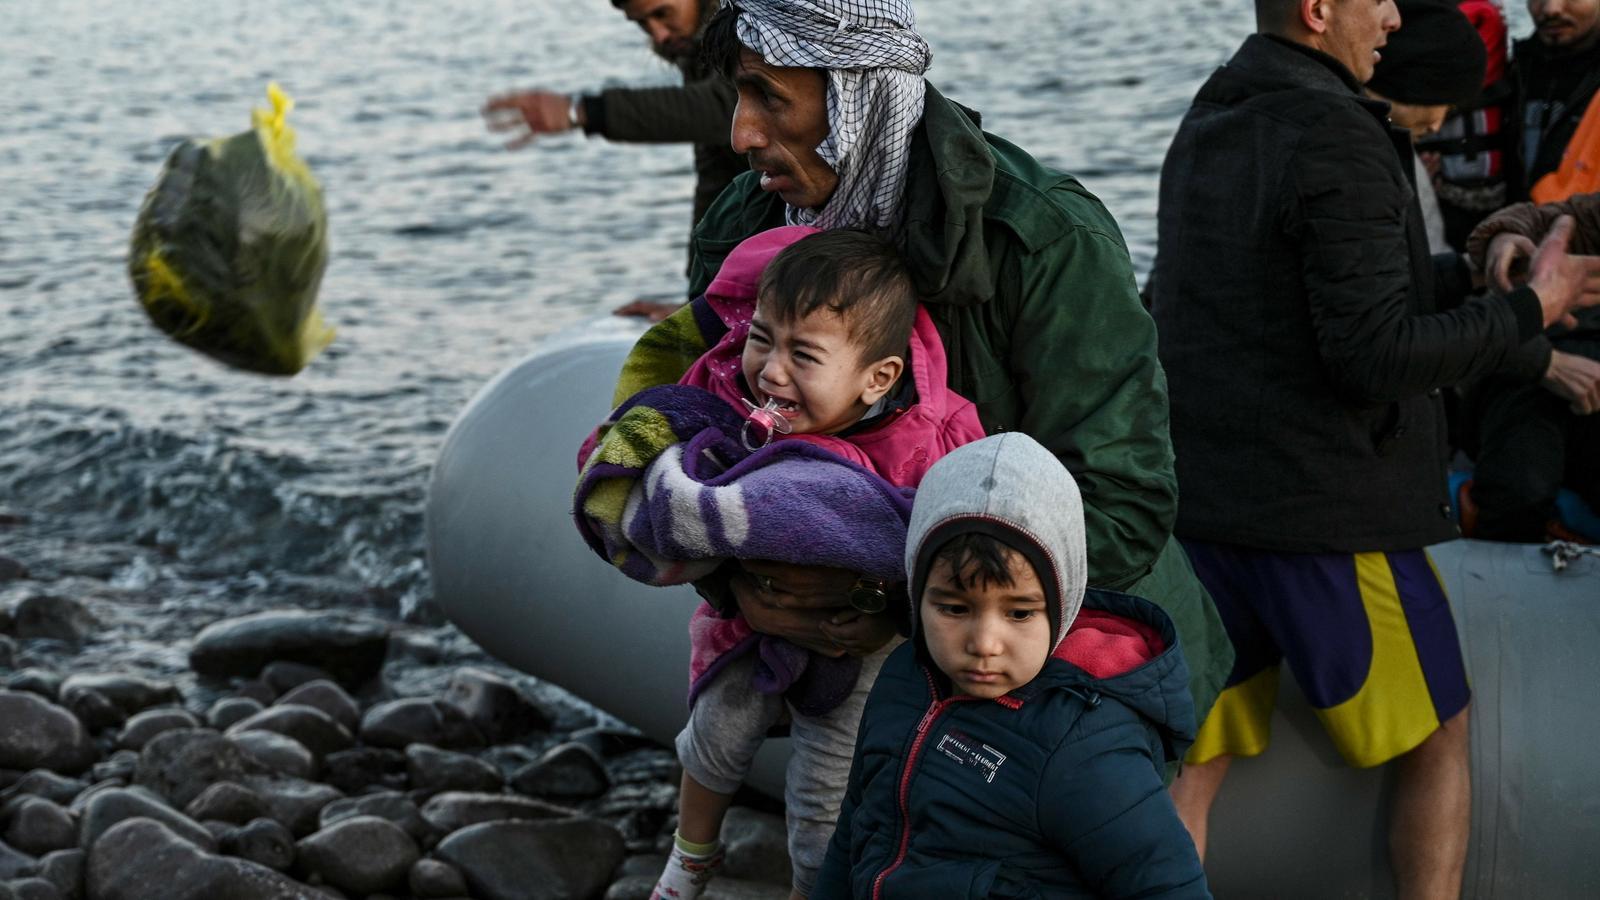 La crisi migratòria a la frontera grega es cobra les primeres vides